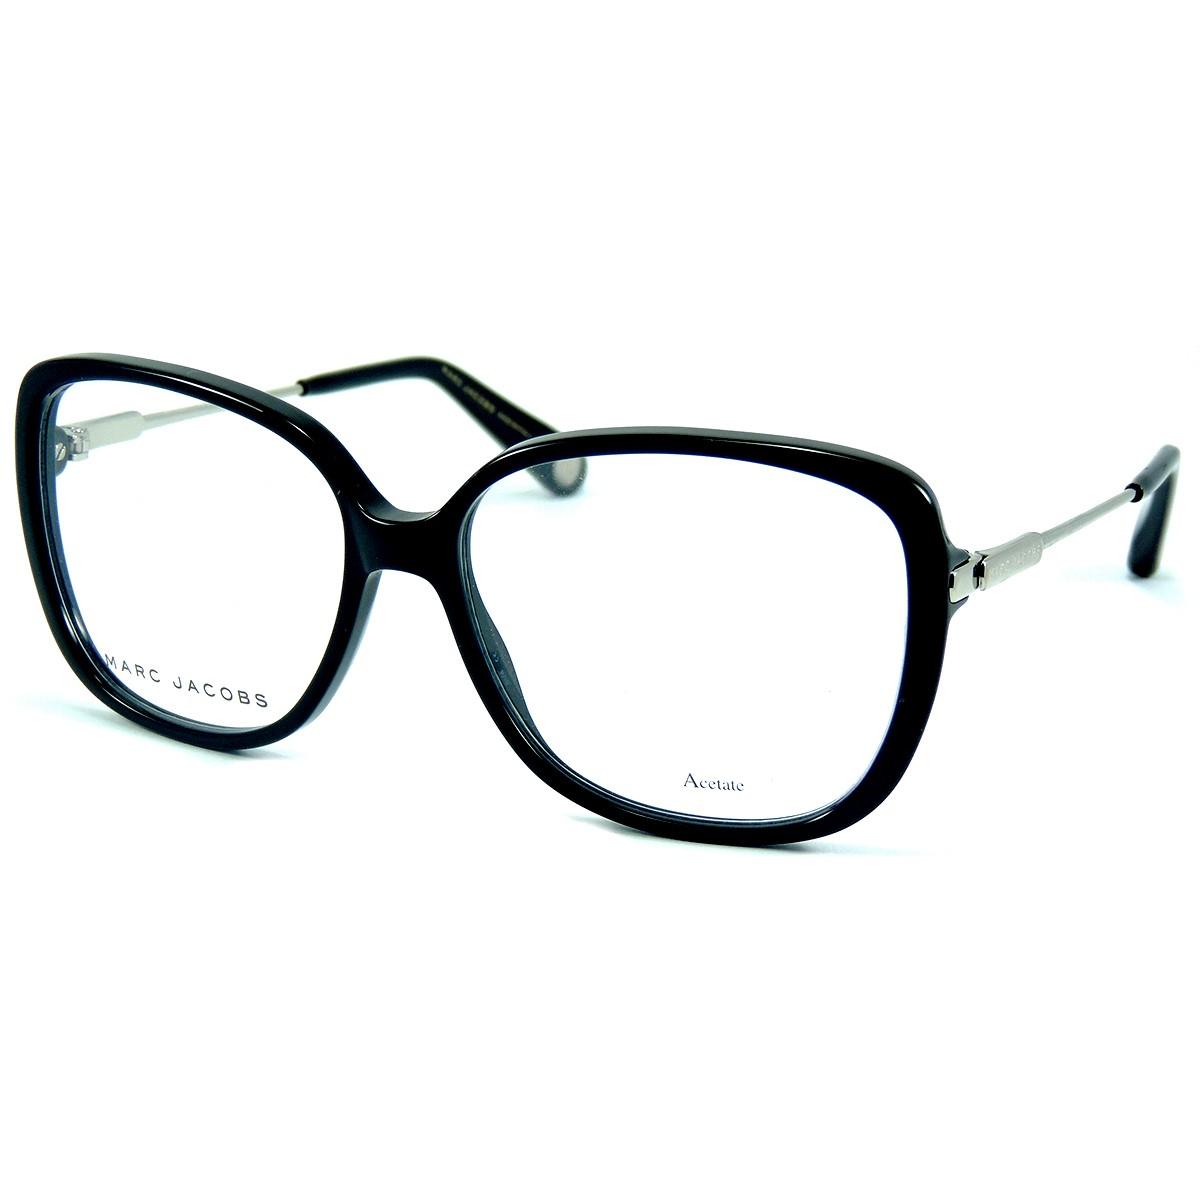 cce03e88b438d Compre Óculos de Grau Marc Jacobs em 10X